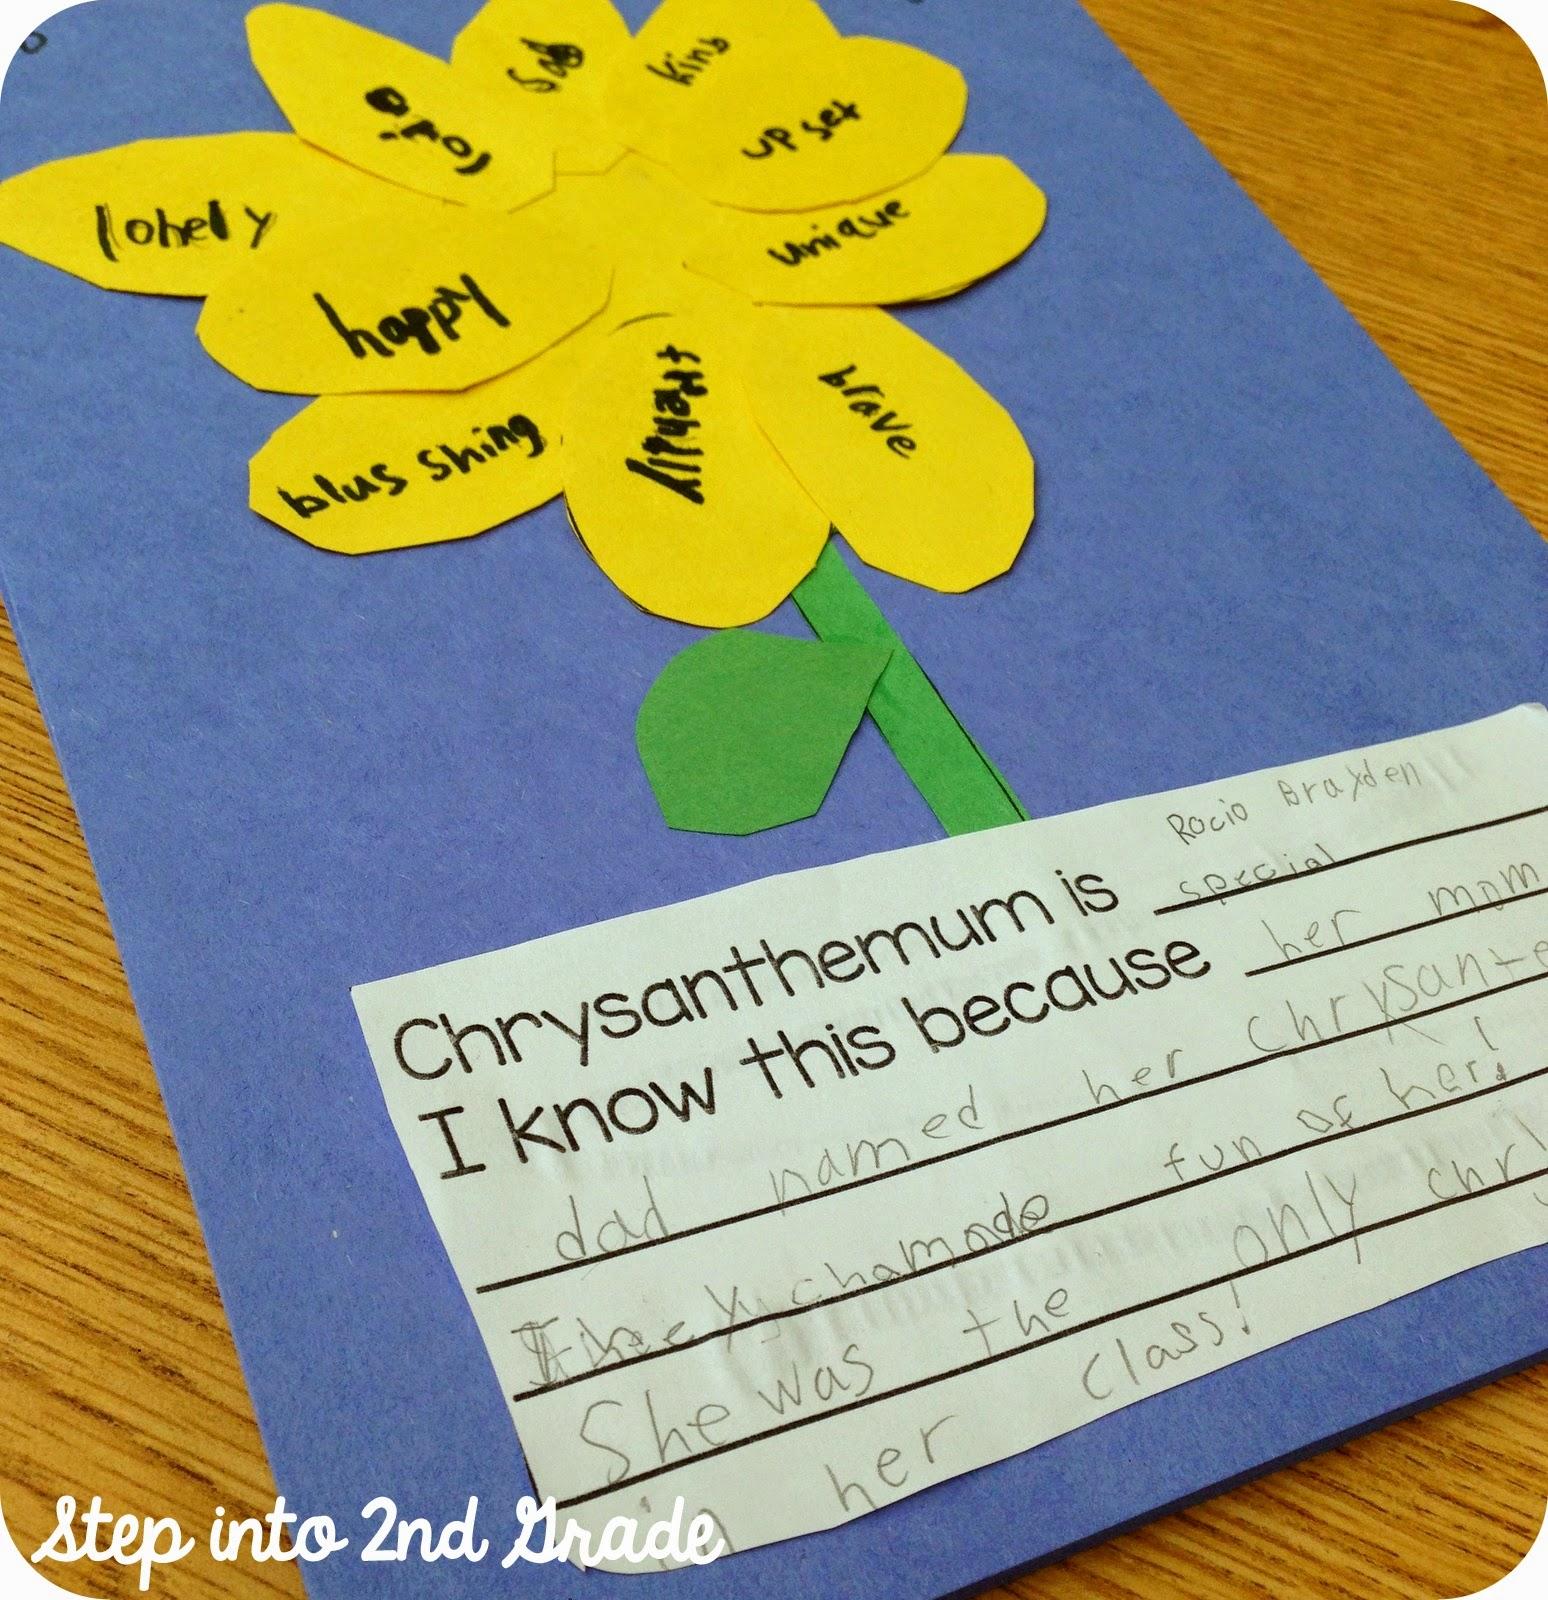 Chrysanthemum Book Activities For First Grade on Ideas For Using Chrysanthemum On First